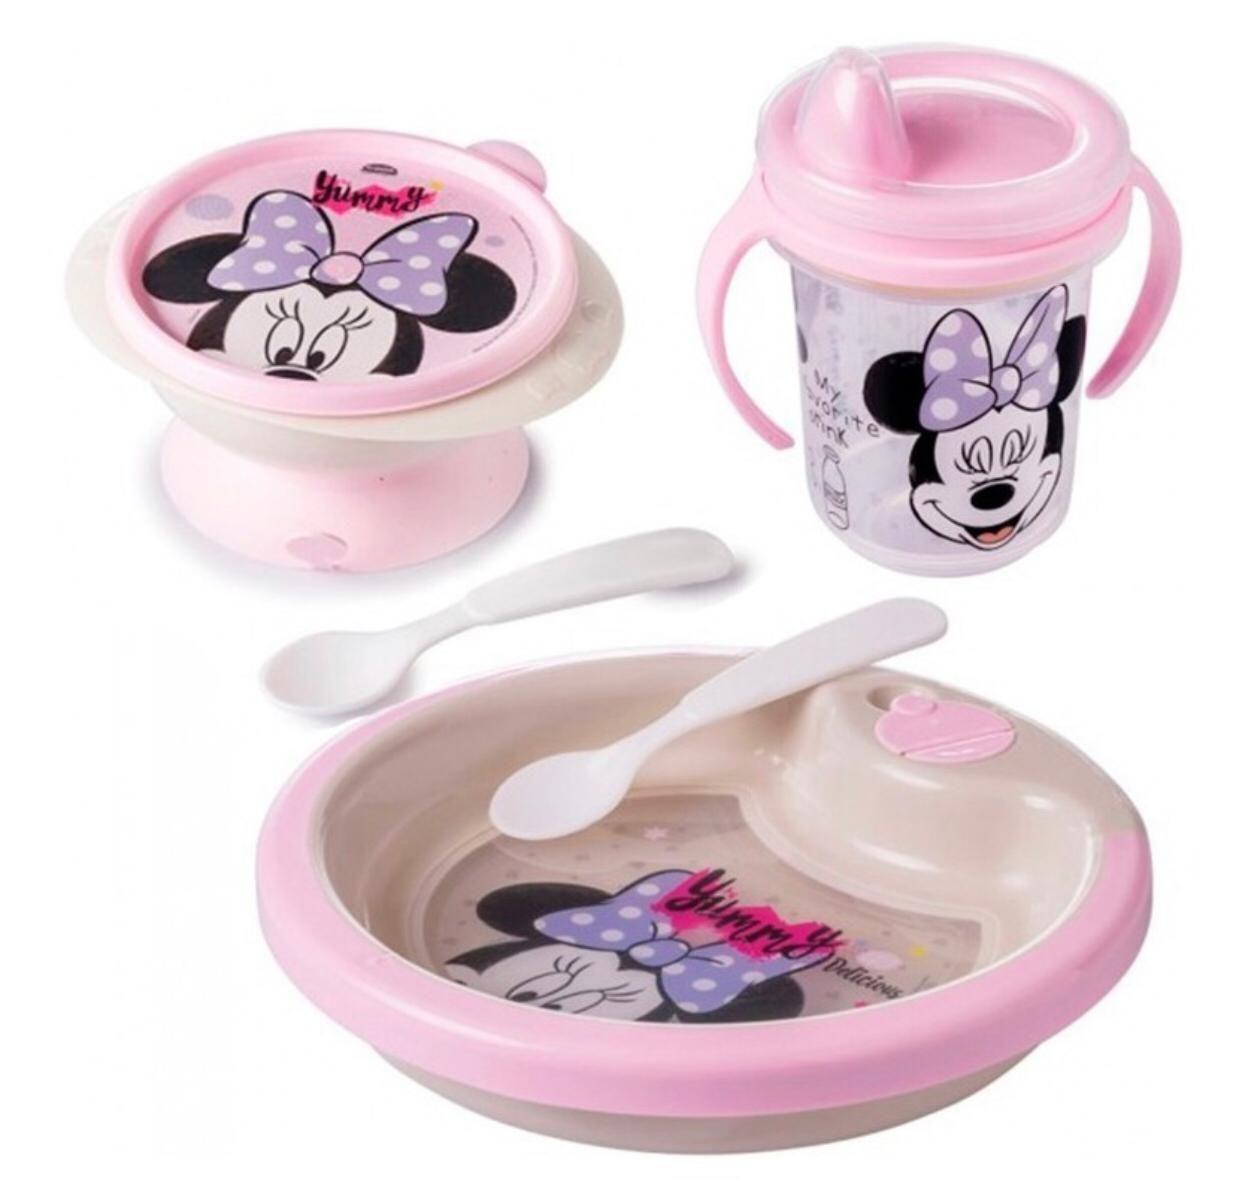 Conjunto Prato Térmico Com Colheres + Tigela Com Colher + Caneca Minnie Mouse Rosa Plasútil